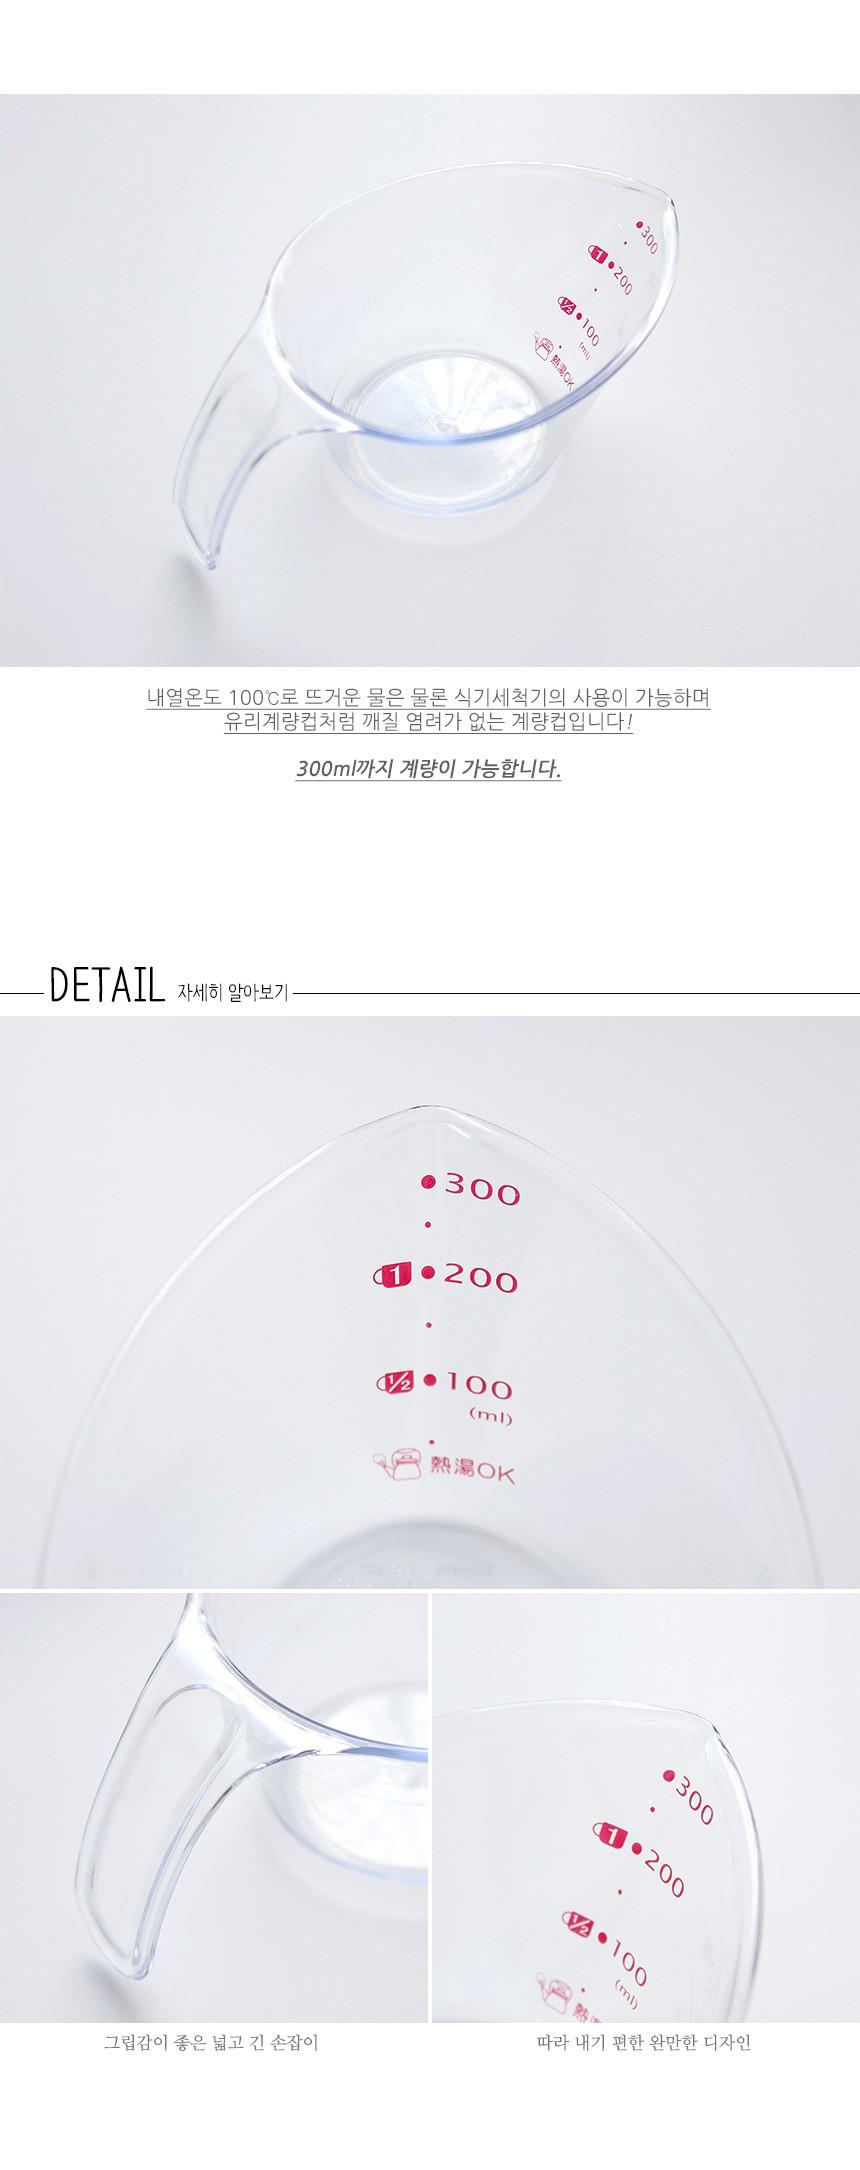 손잡이 계량컵 350ml - 실즈키친, 3,420원, 계량도구, 계량컵